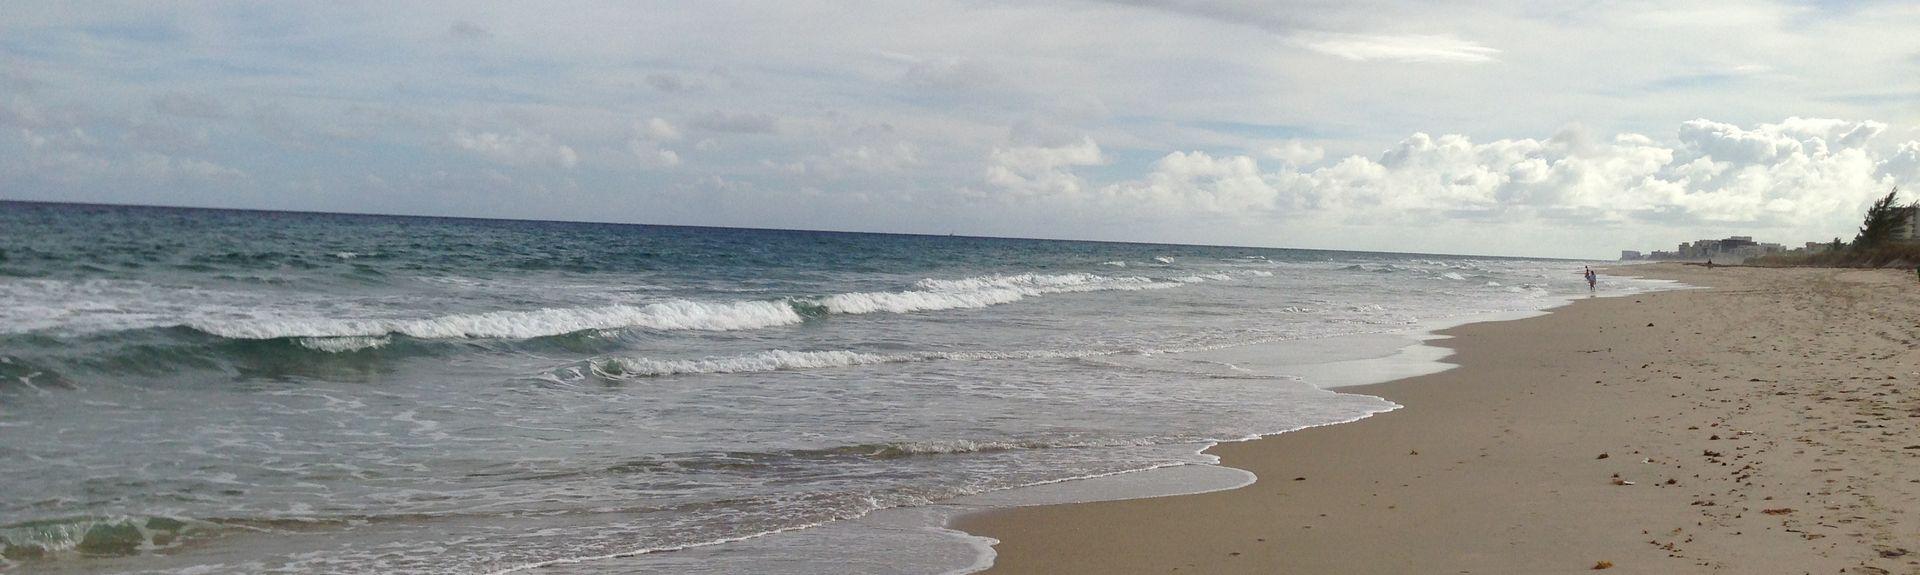 Highland Beach, Floride, États-Unis d'Amérique